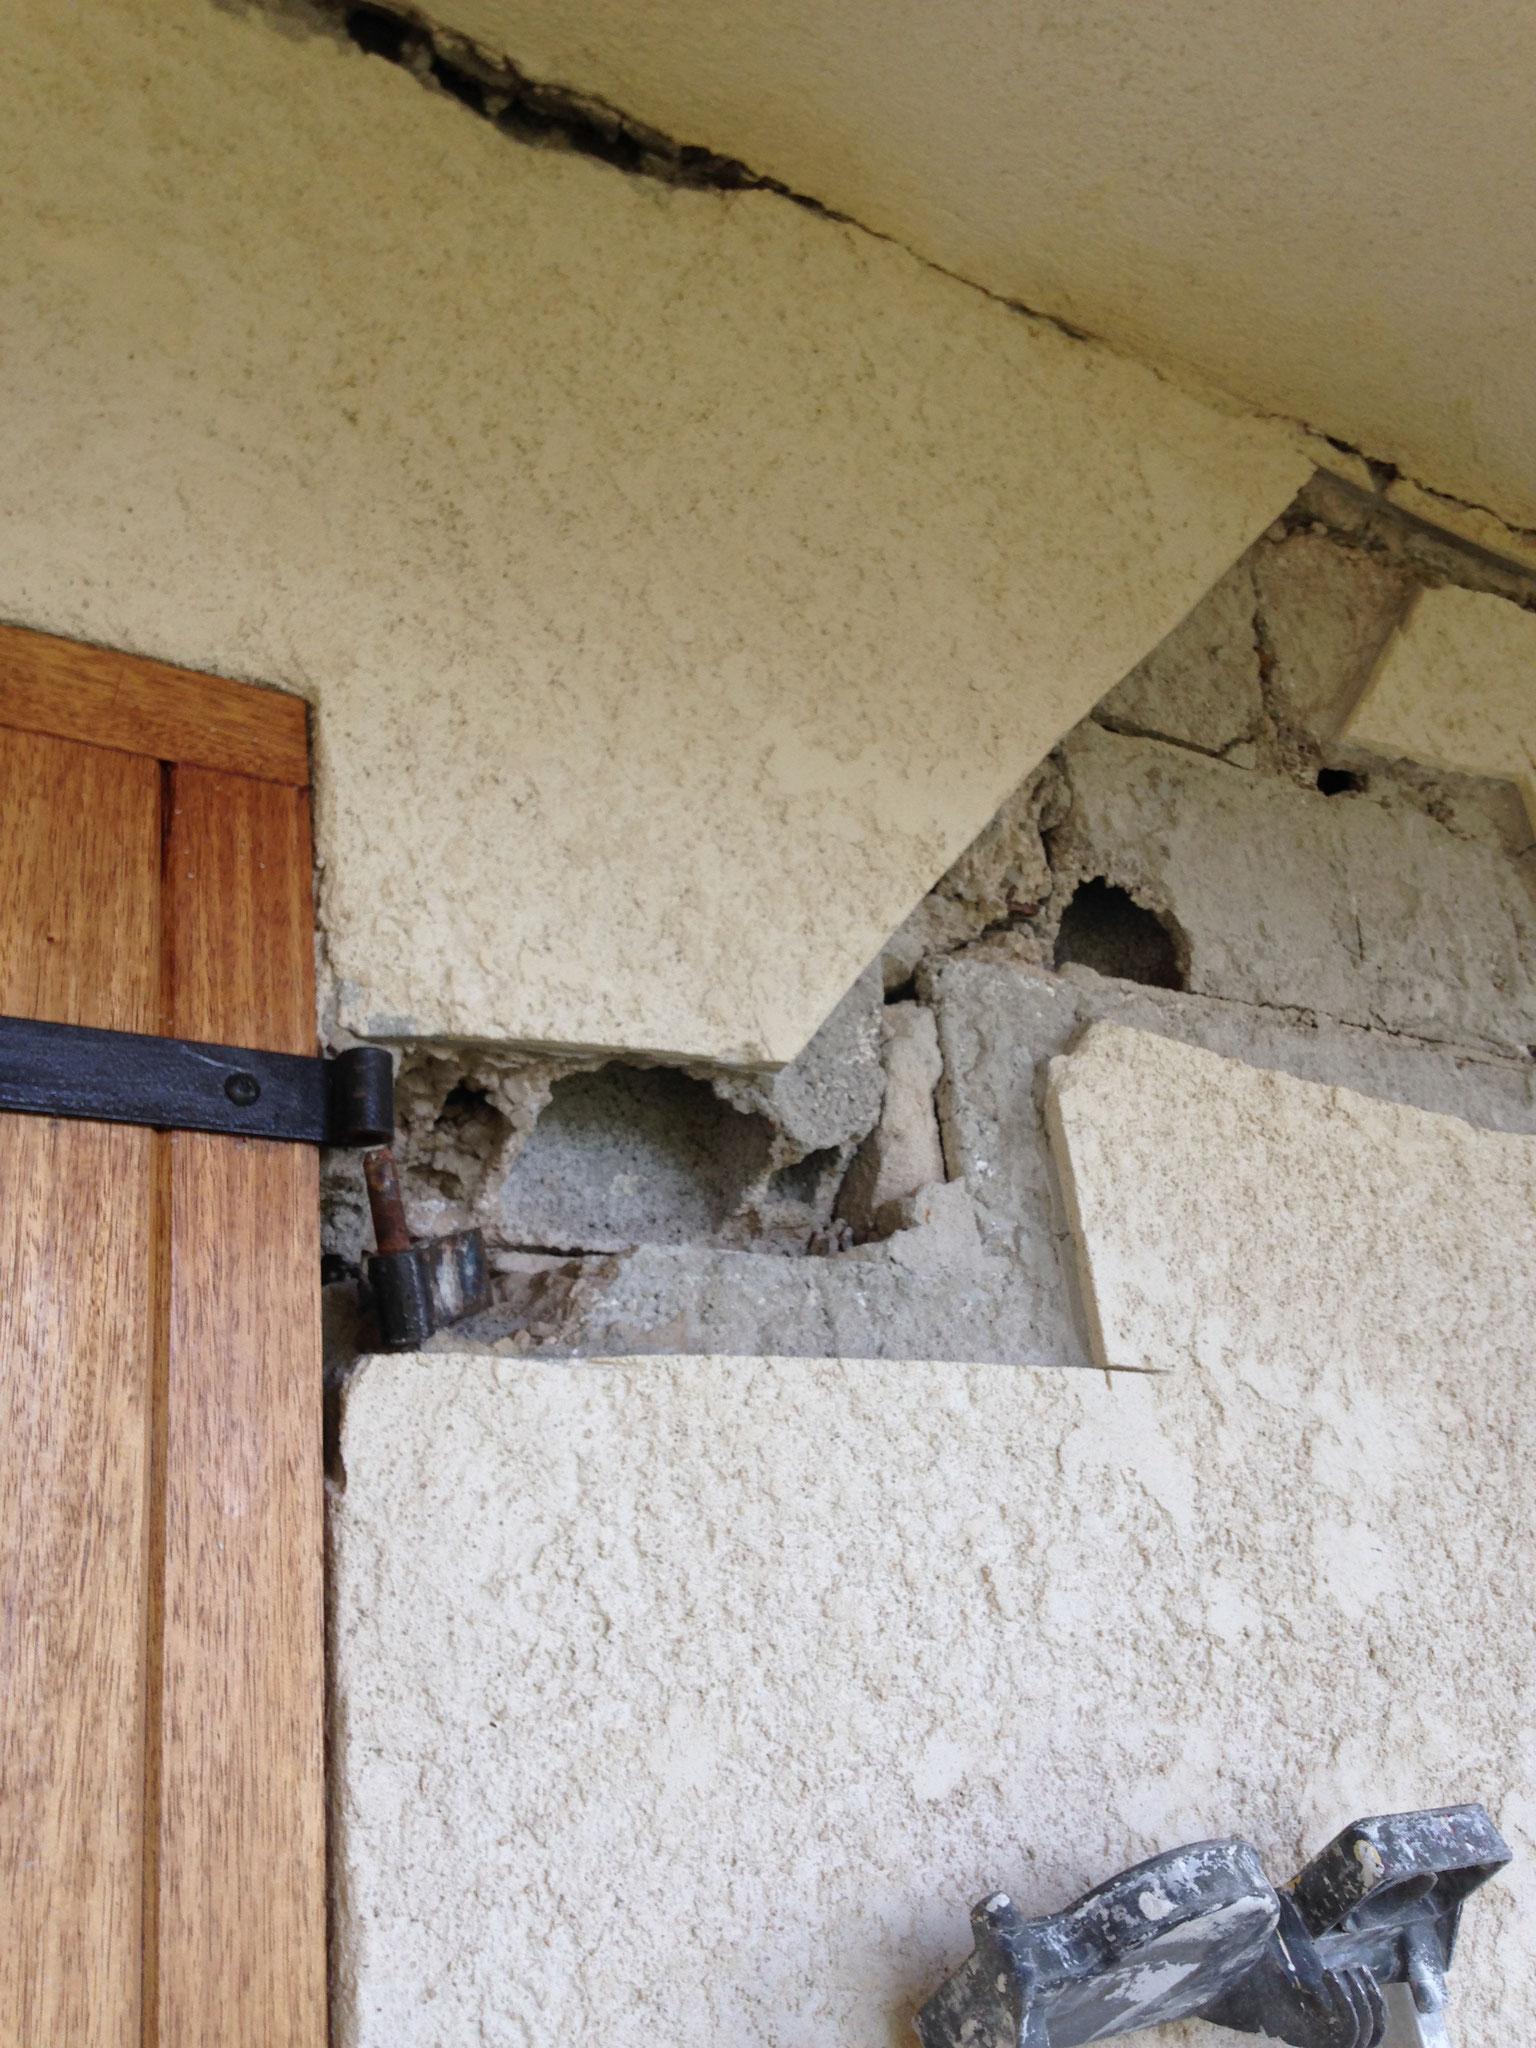 Réparation/ Ouverture des fissures avant traitement par pontage grillagé,Rebouchage au mortier